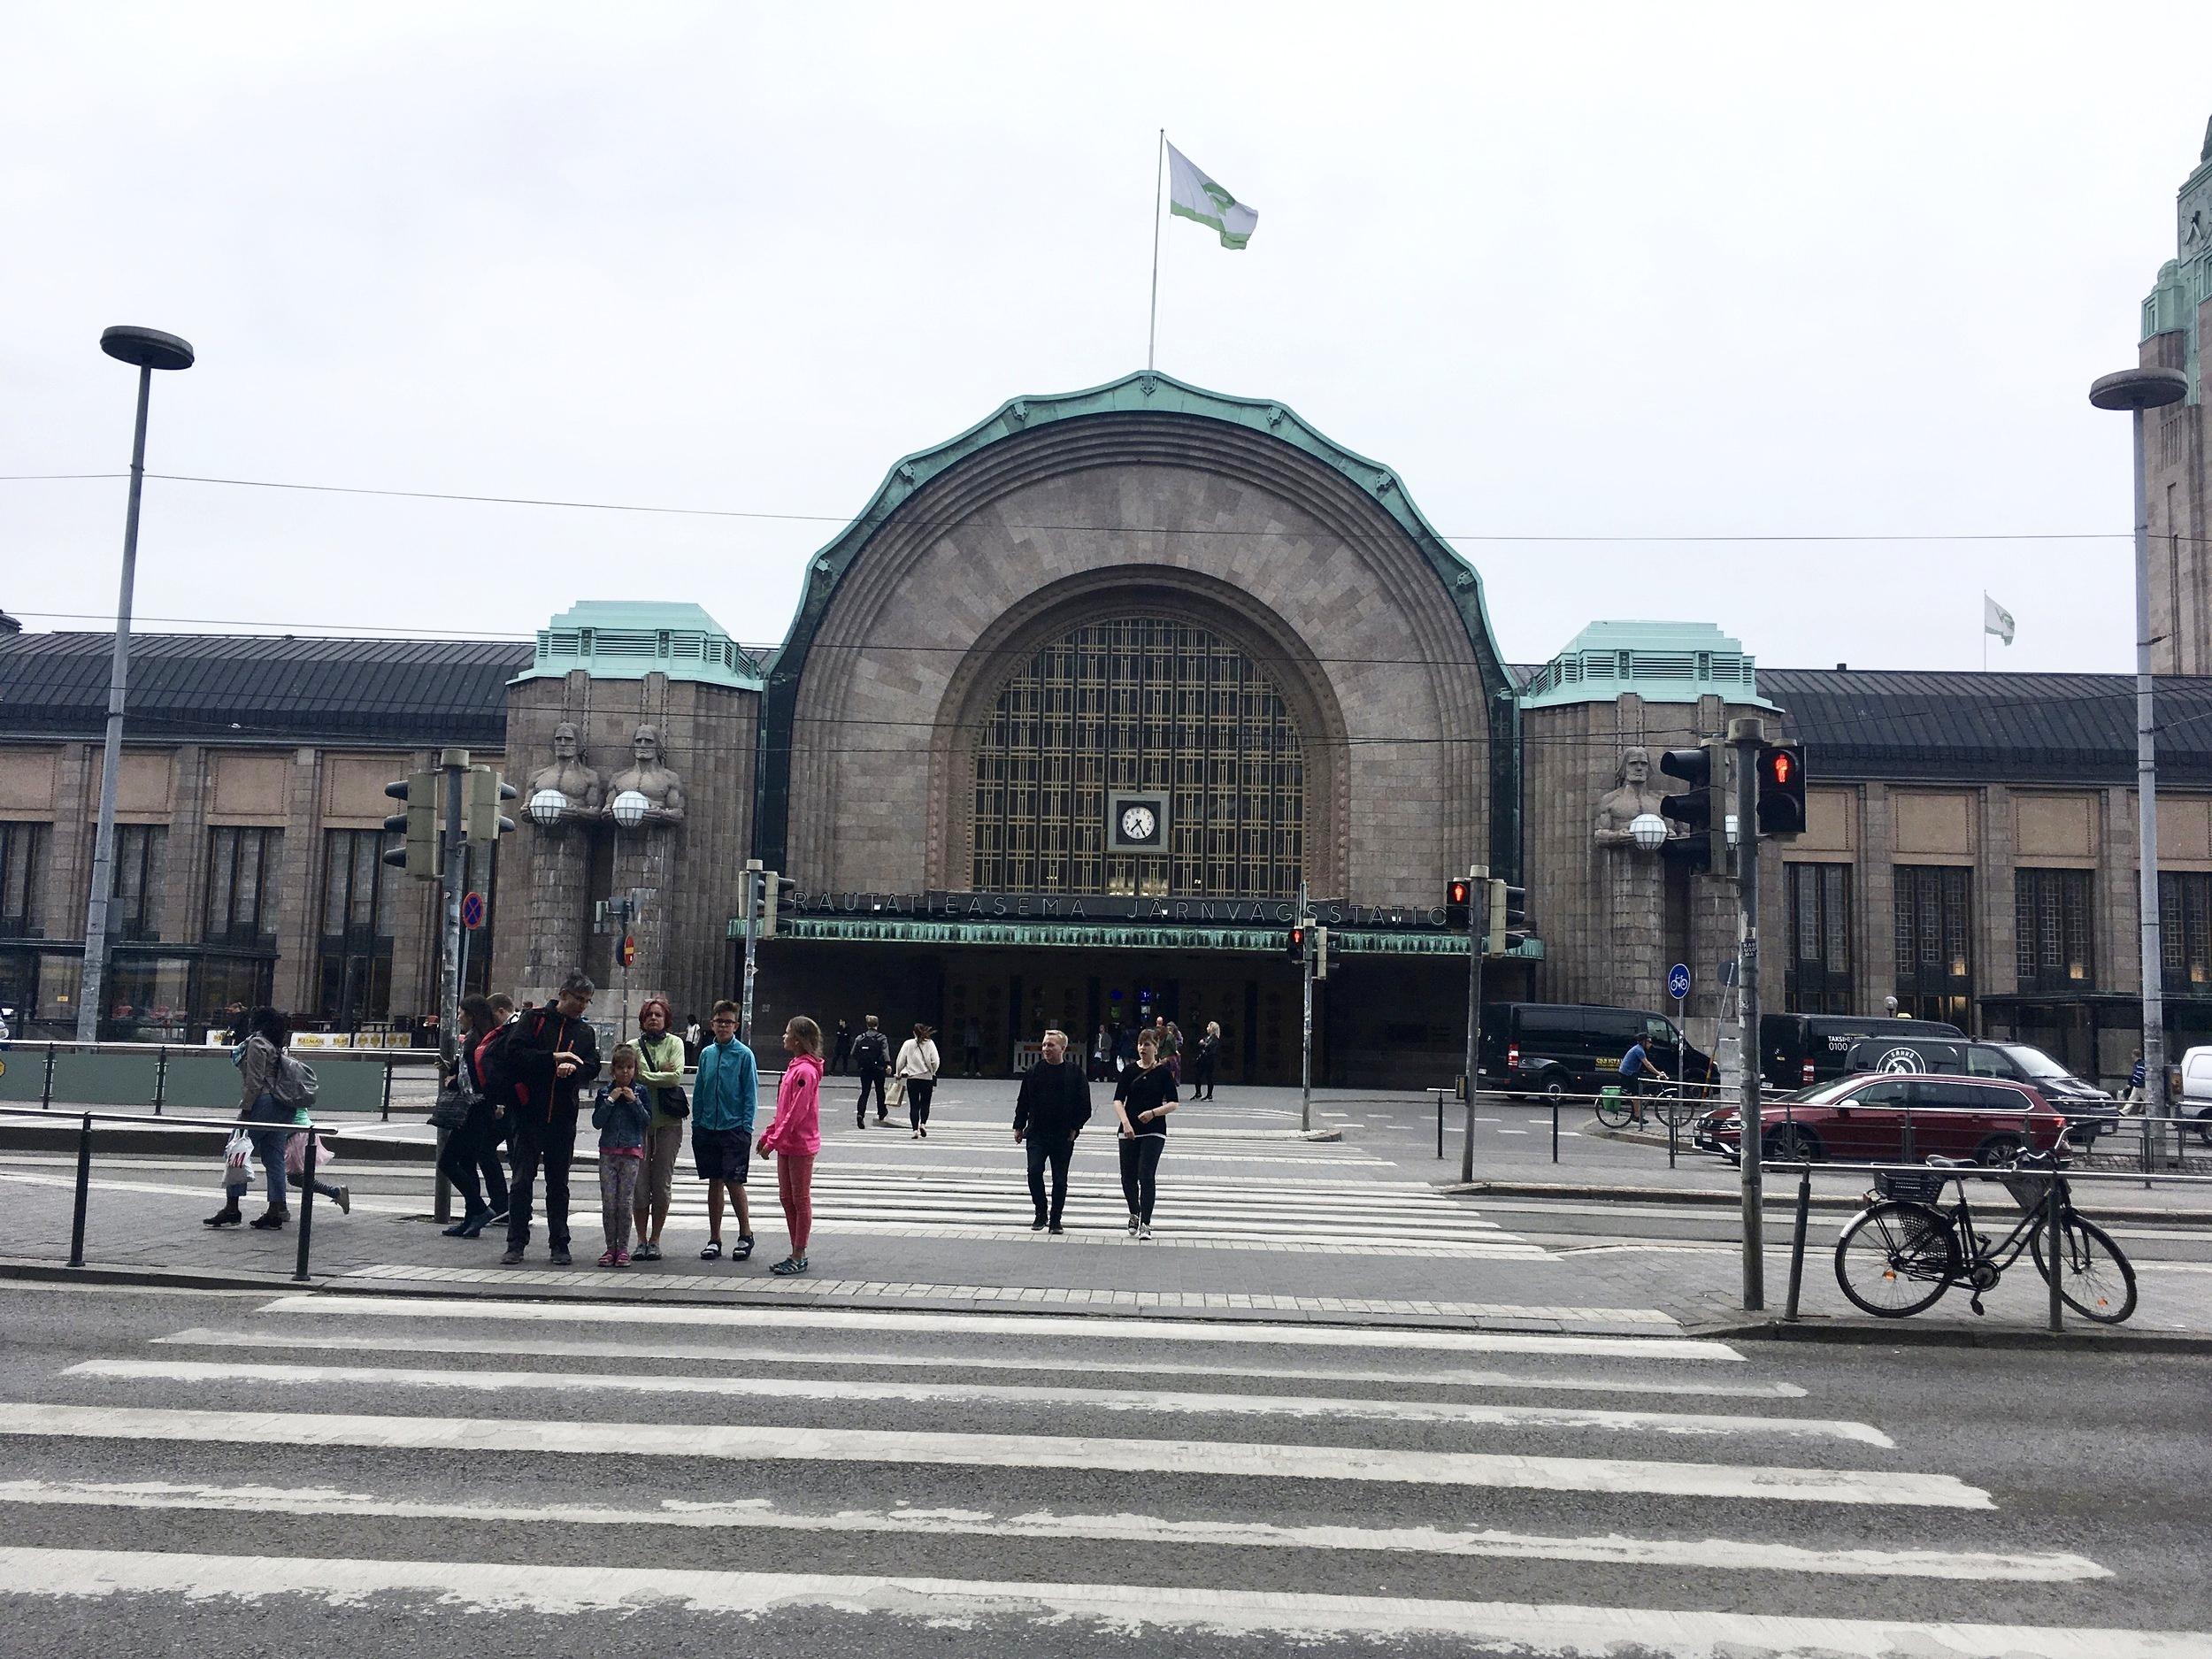 Things to do in Helsinki - What to do in Helsinki